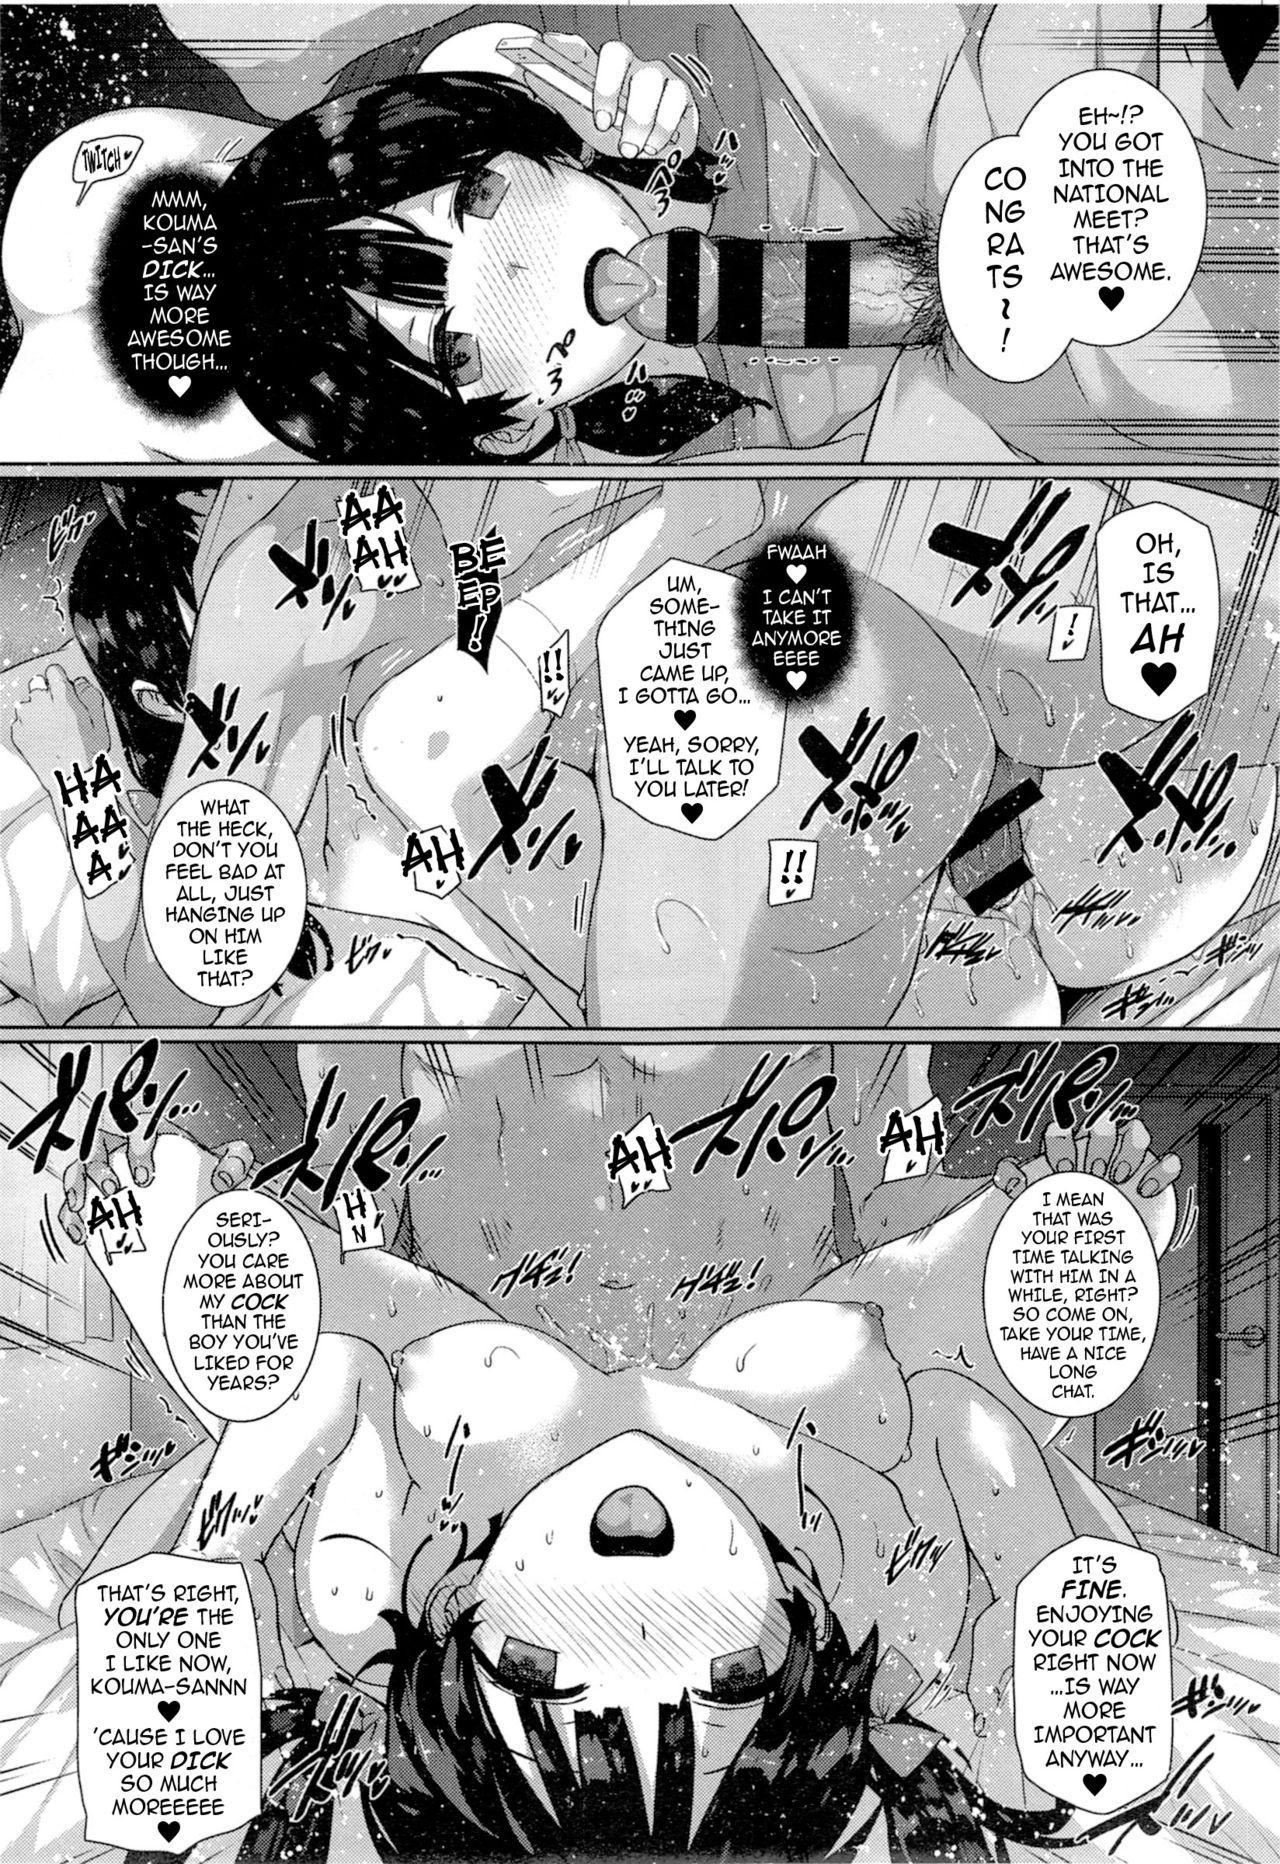 [Katsurai Yoshiaki] Amatsuka Gakuen no Ryoukan Seikatsu | Angel Academy's Hardcore Dorm Sex Life 1-2, 4-8 [English] {darknight} [Digital] 36